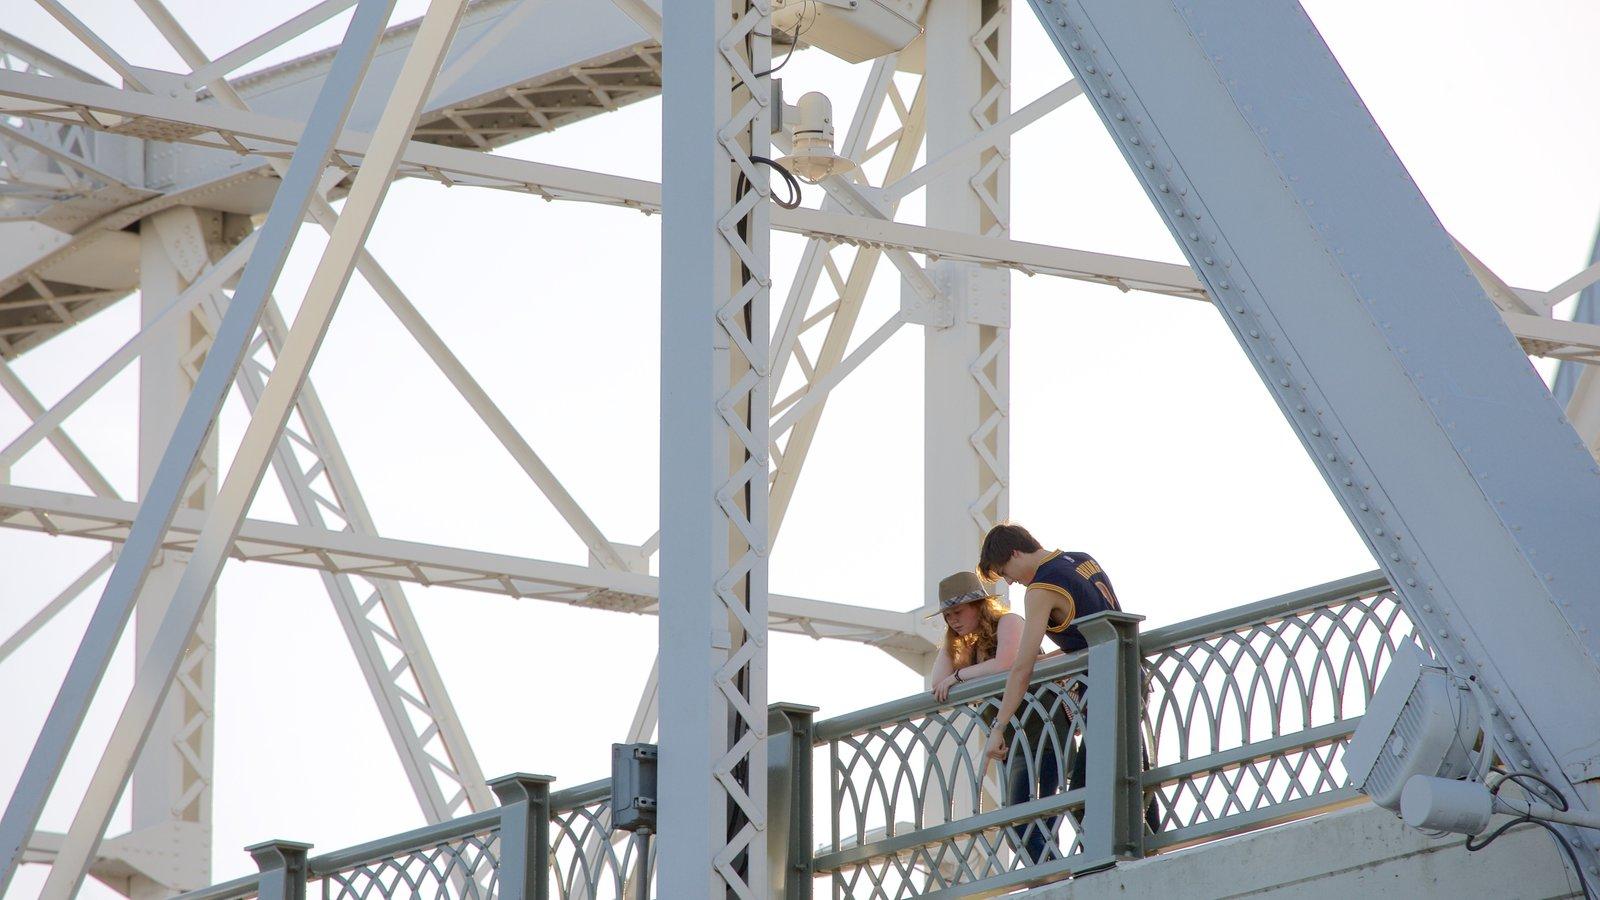 Cumberland Park mostrando un puente y también una pareja